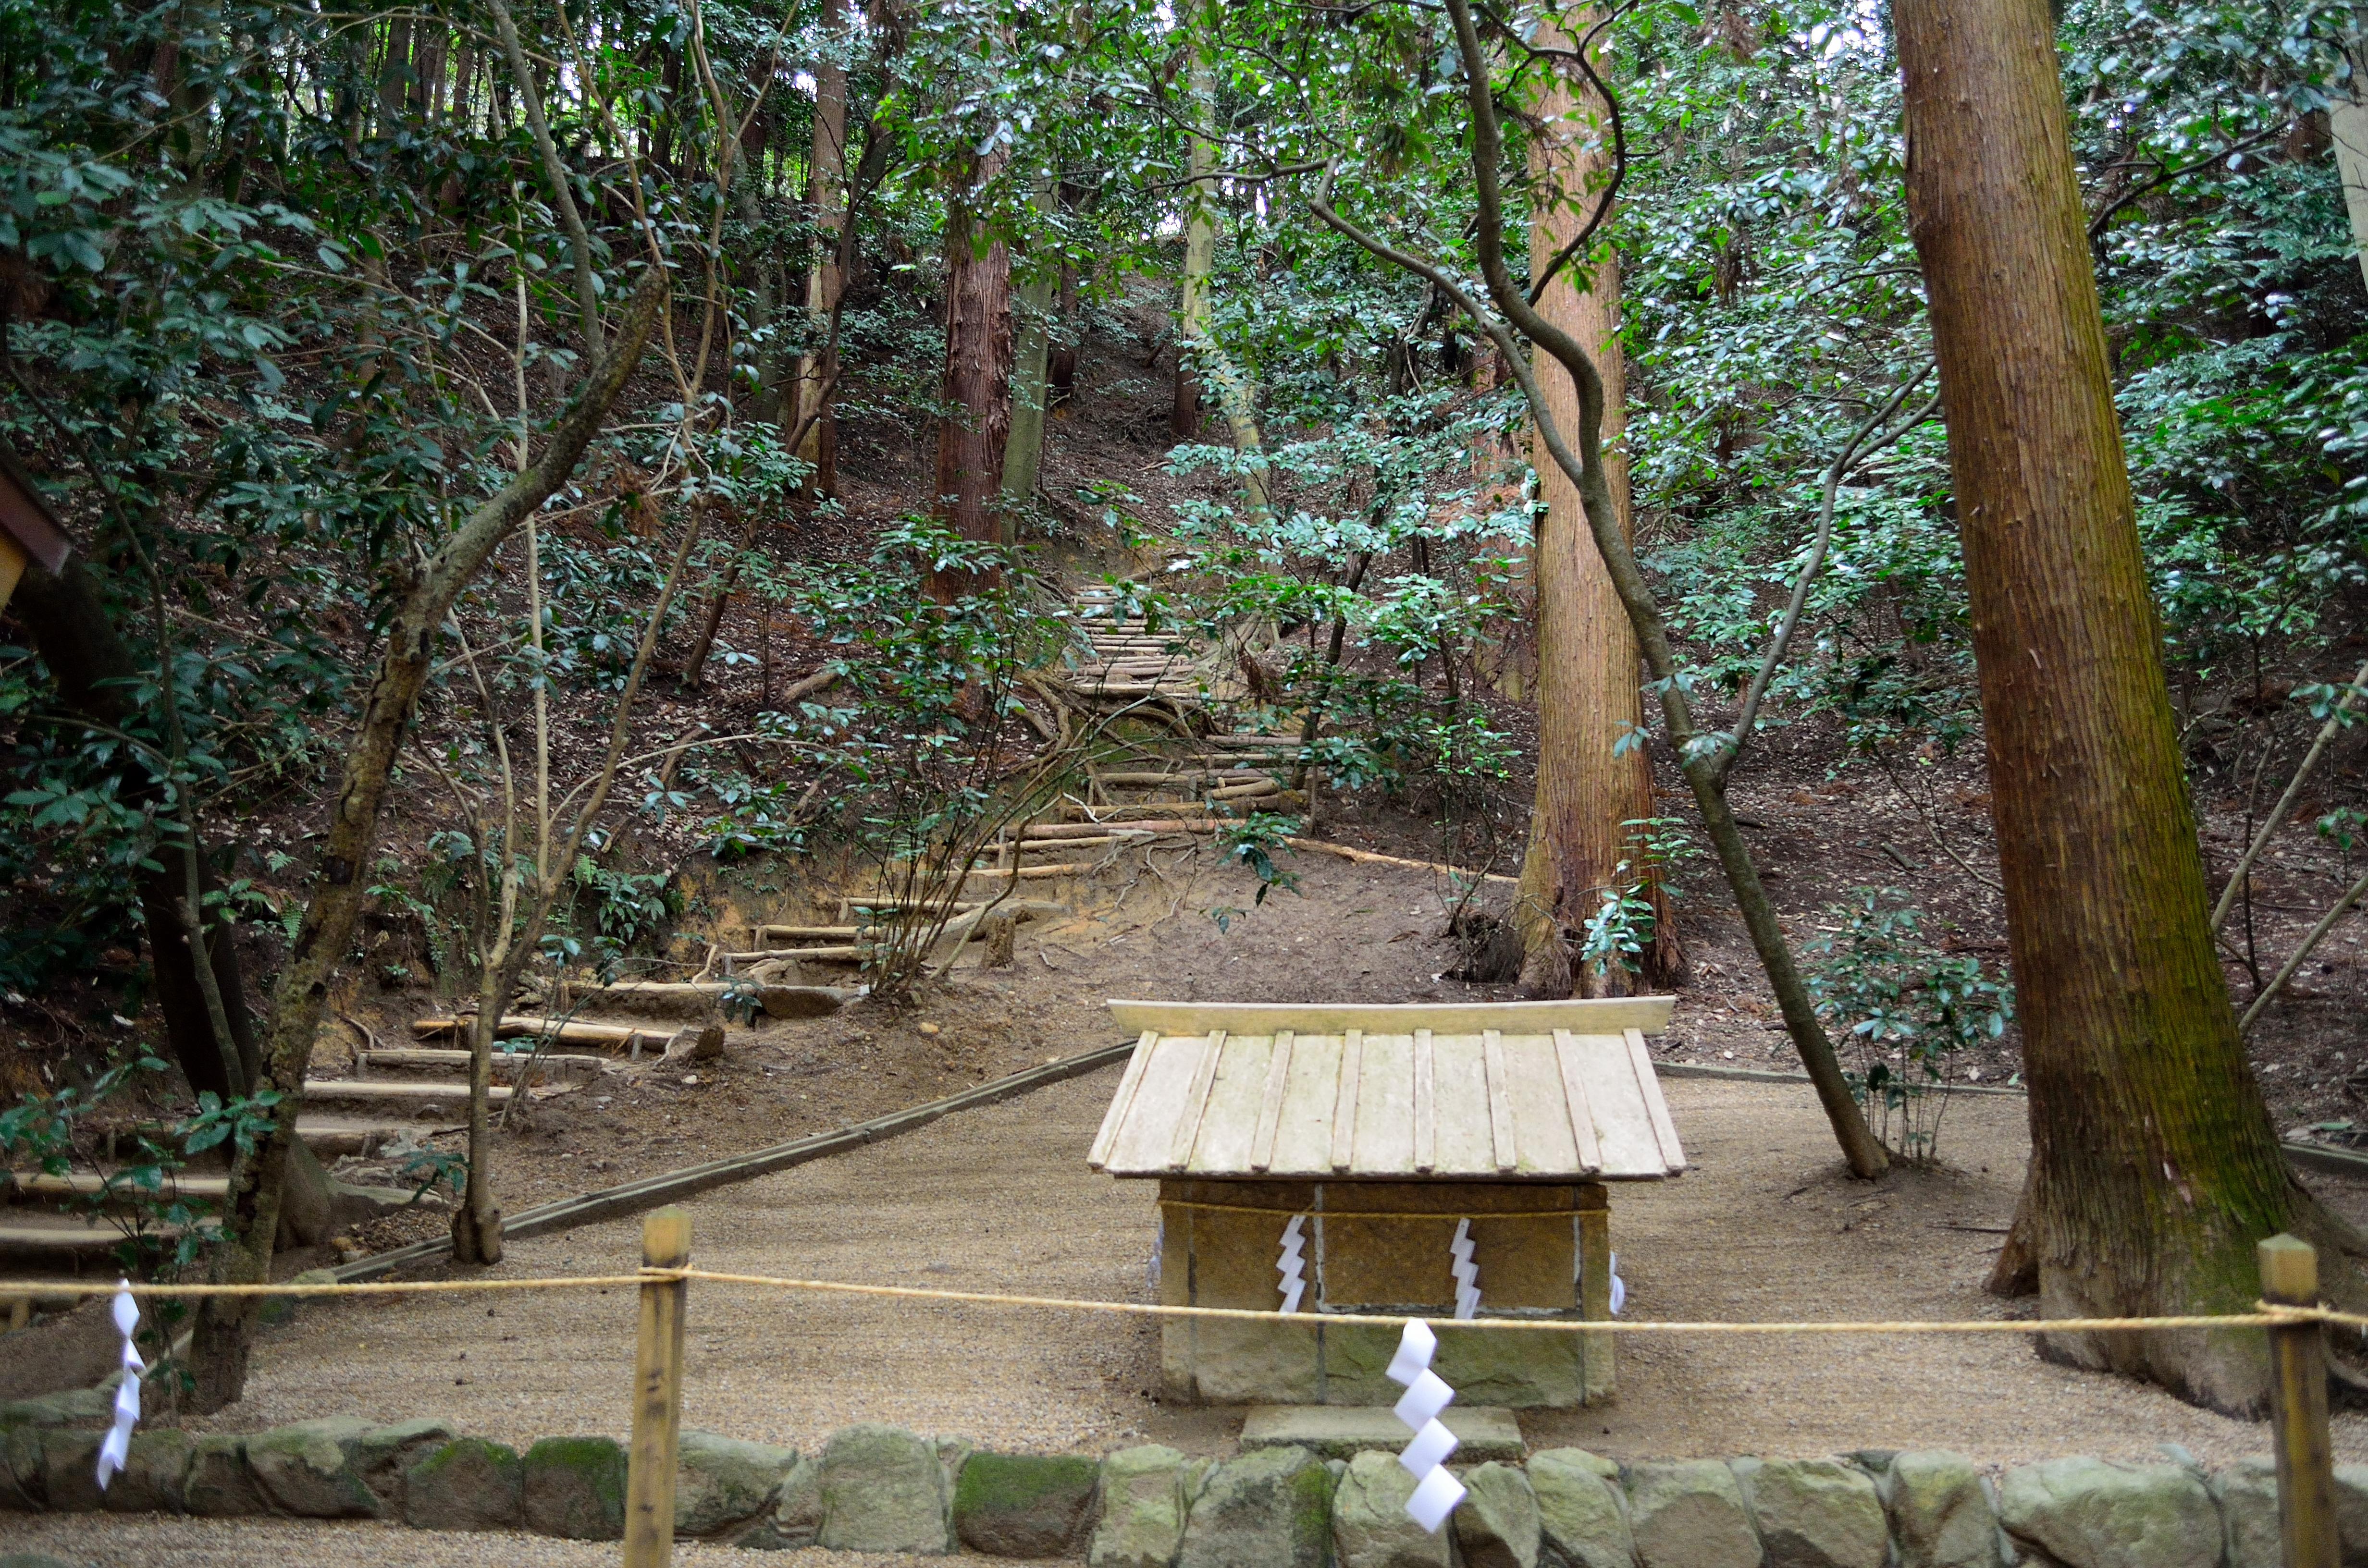 大神神社 狭井神社 登拝口の様子